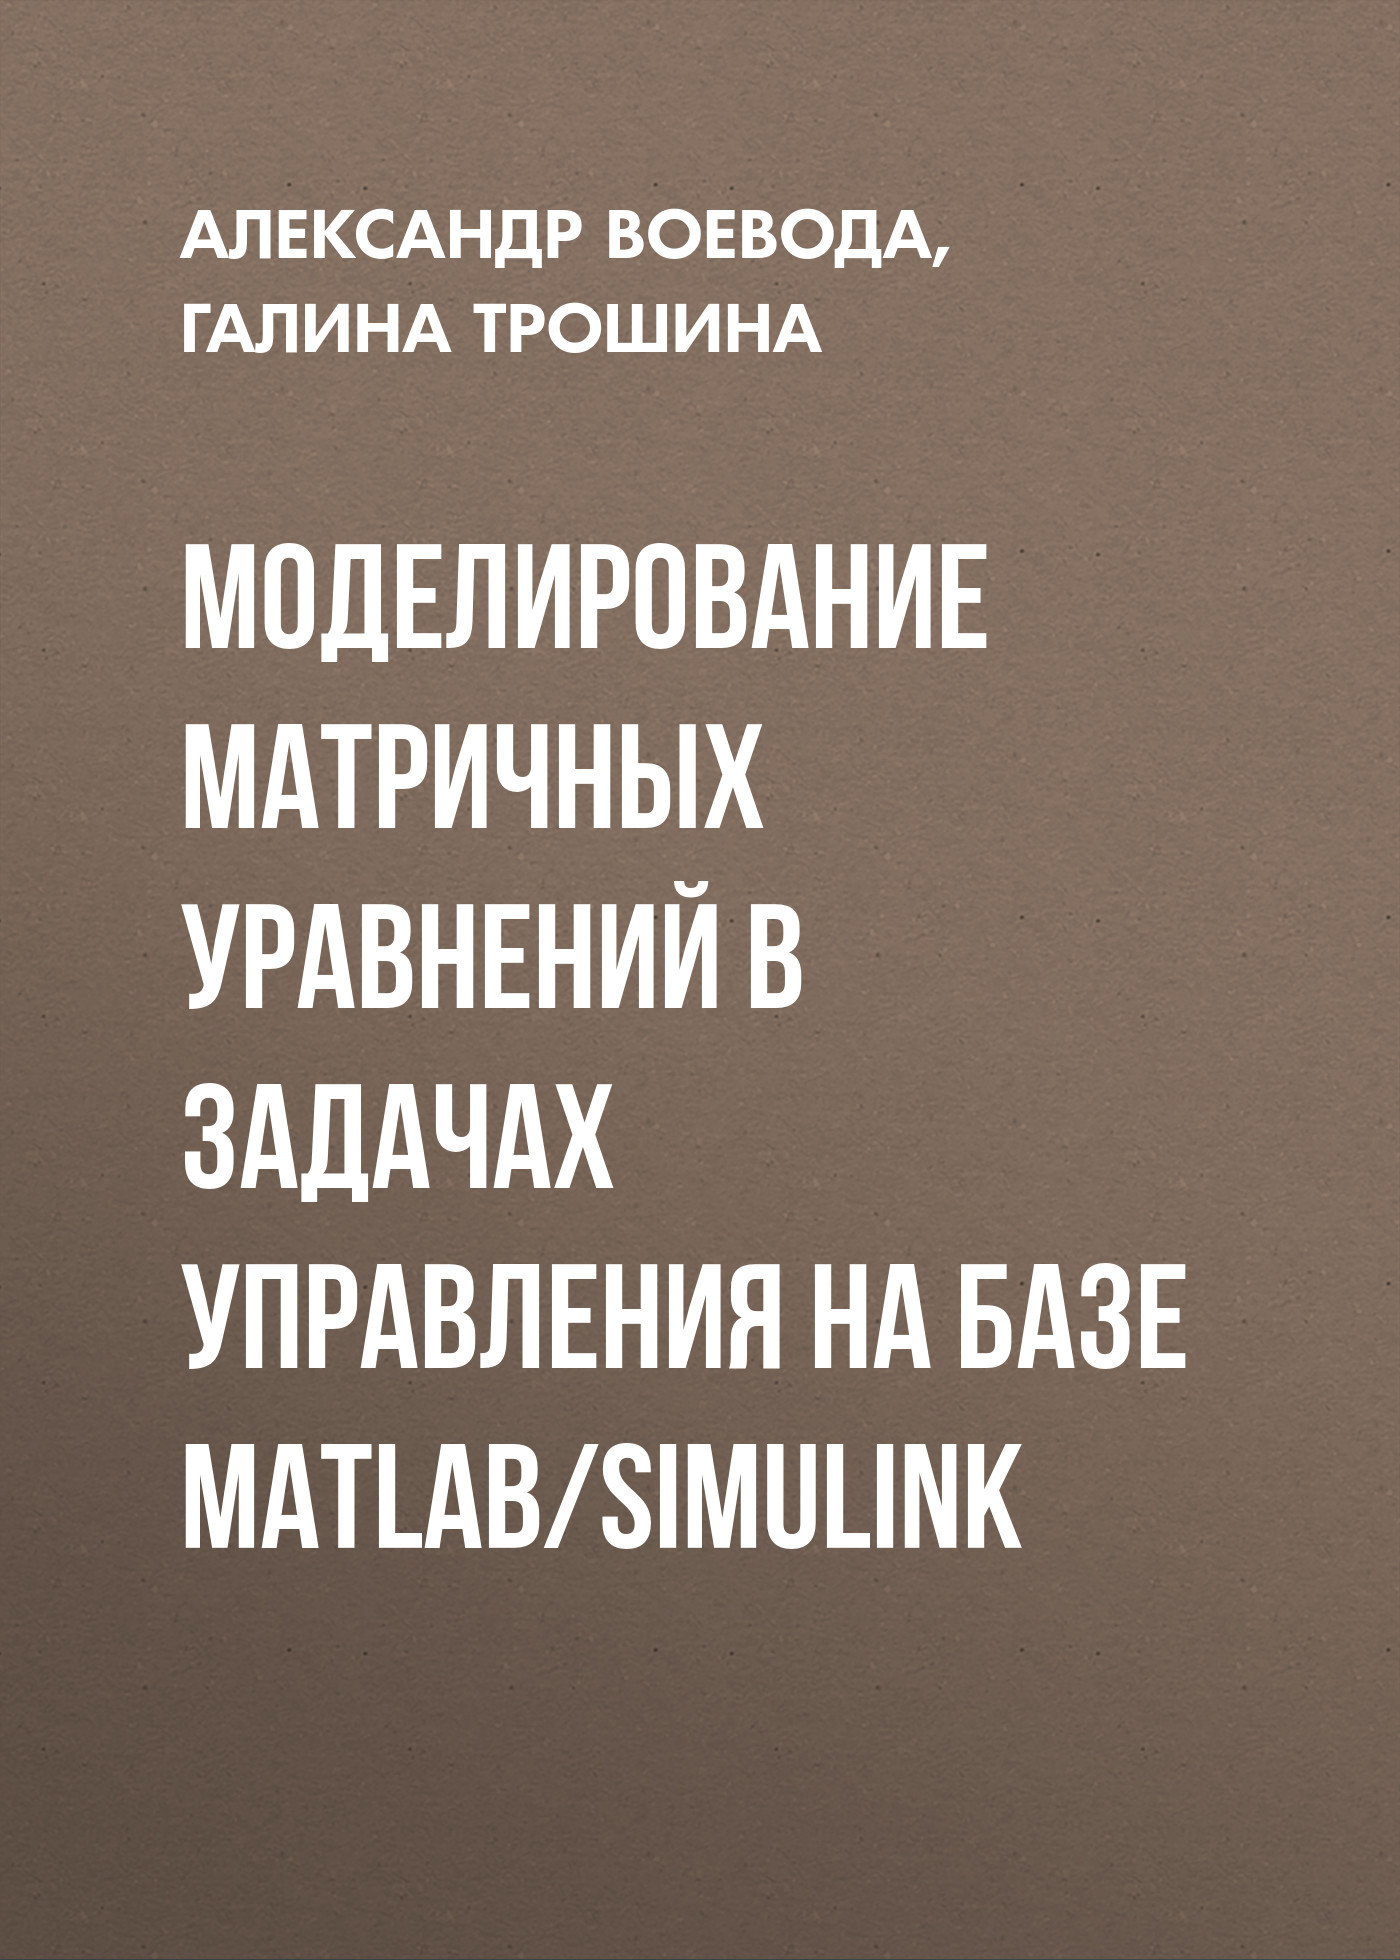 Александр Воевода Моделирование матричных уравнений в задачах управления на базе MatLab/Simulink